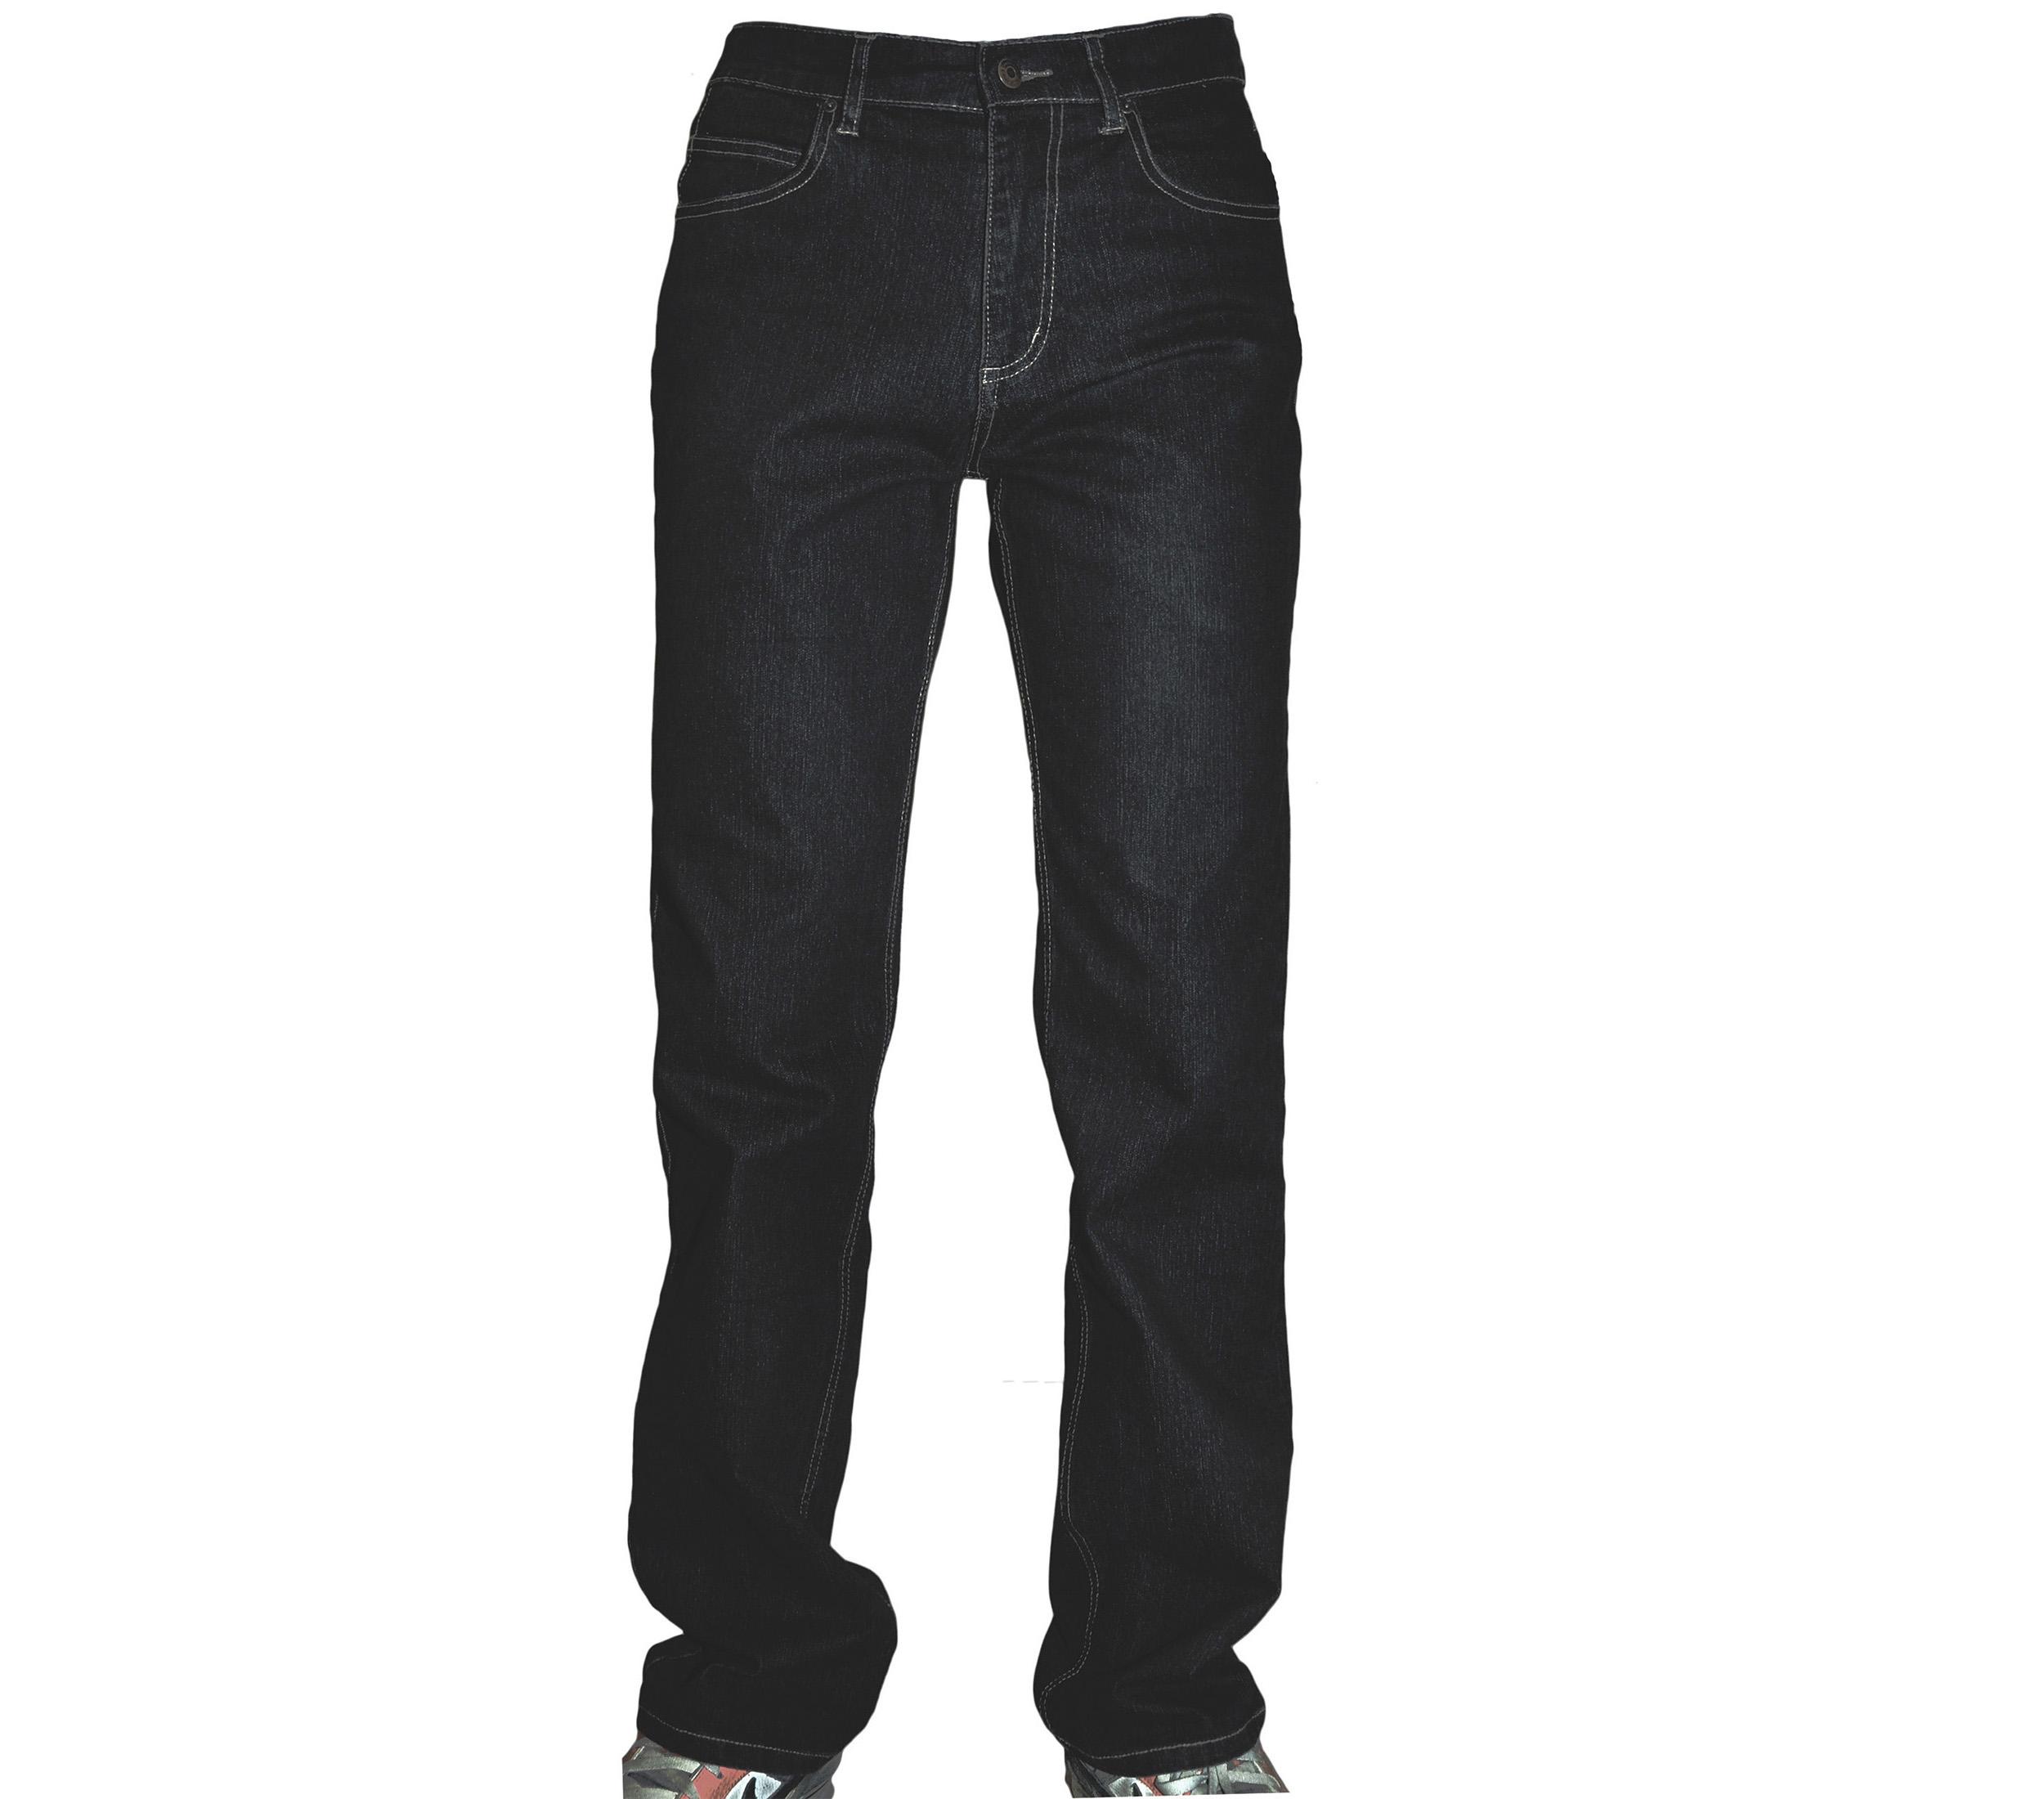 Джинсы черного цвета с добавкой полиэстера. Модельдж-803-черные